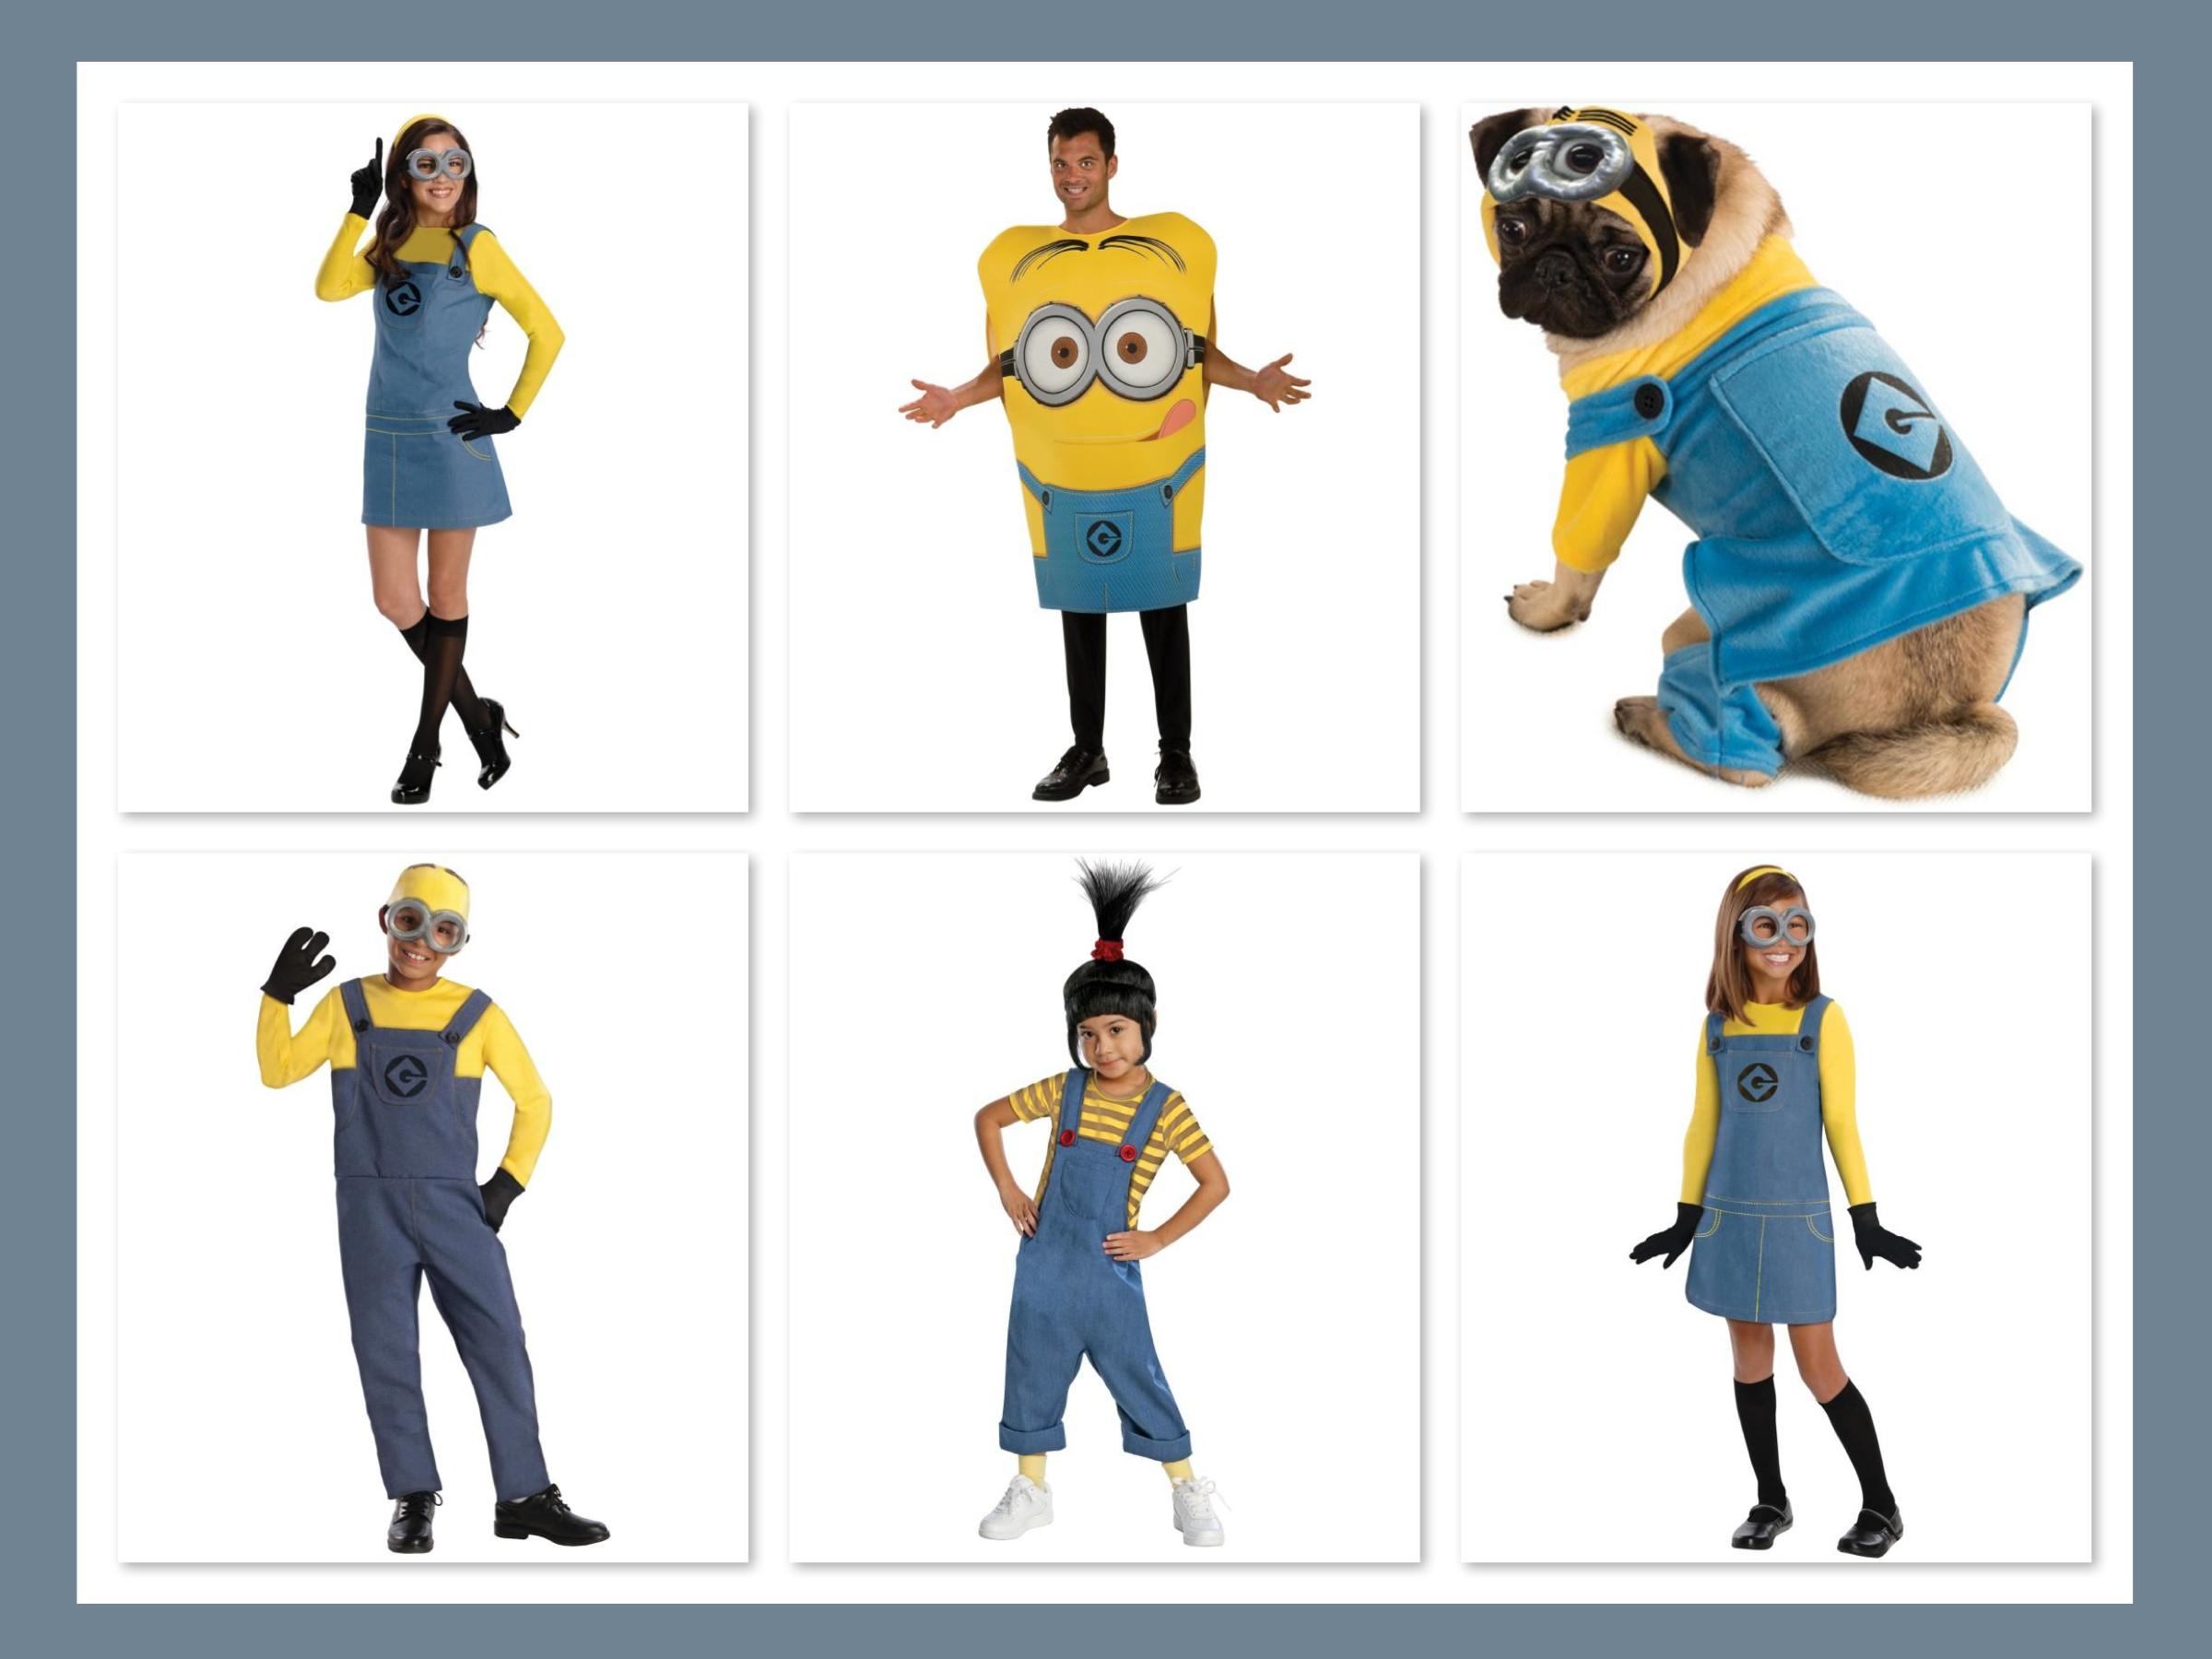 Week 2: Top 5 Trending Halloween Costumes & Accessories ...